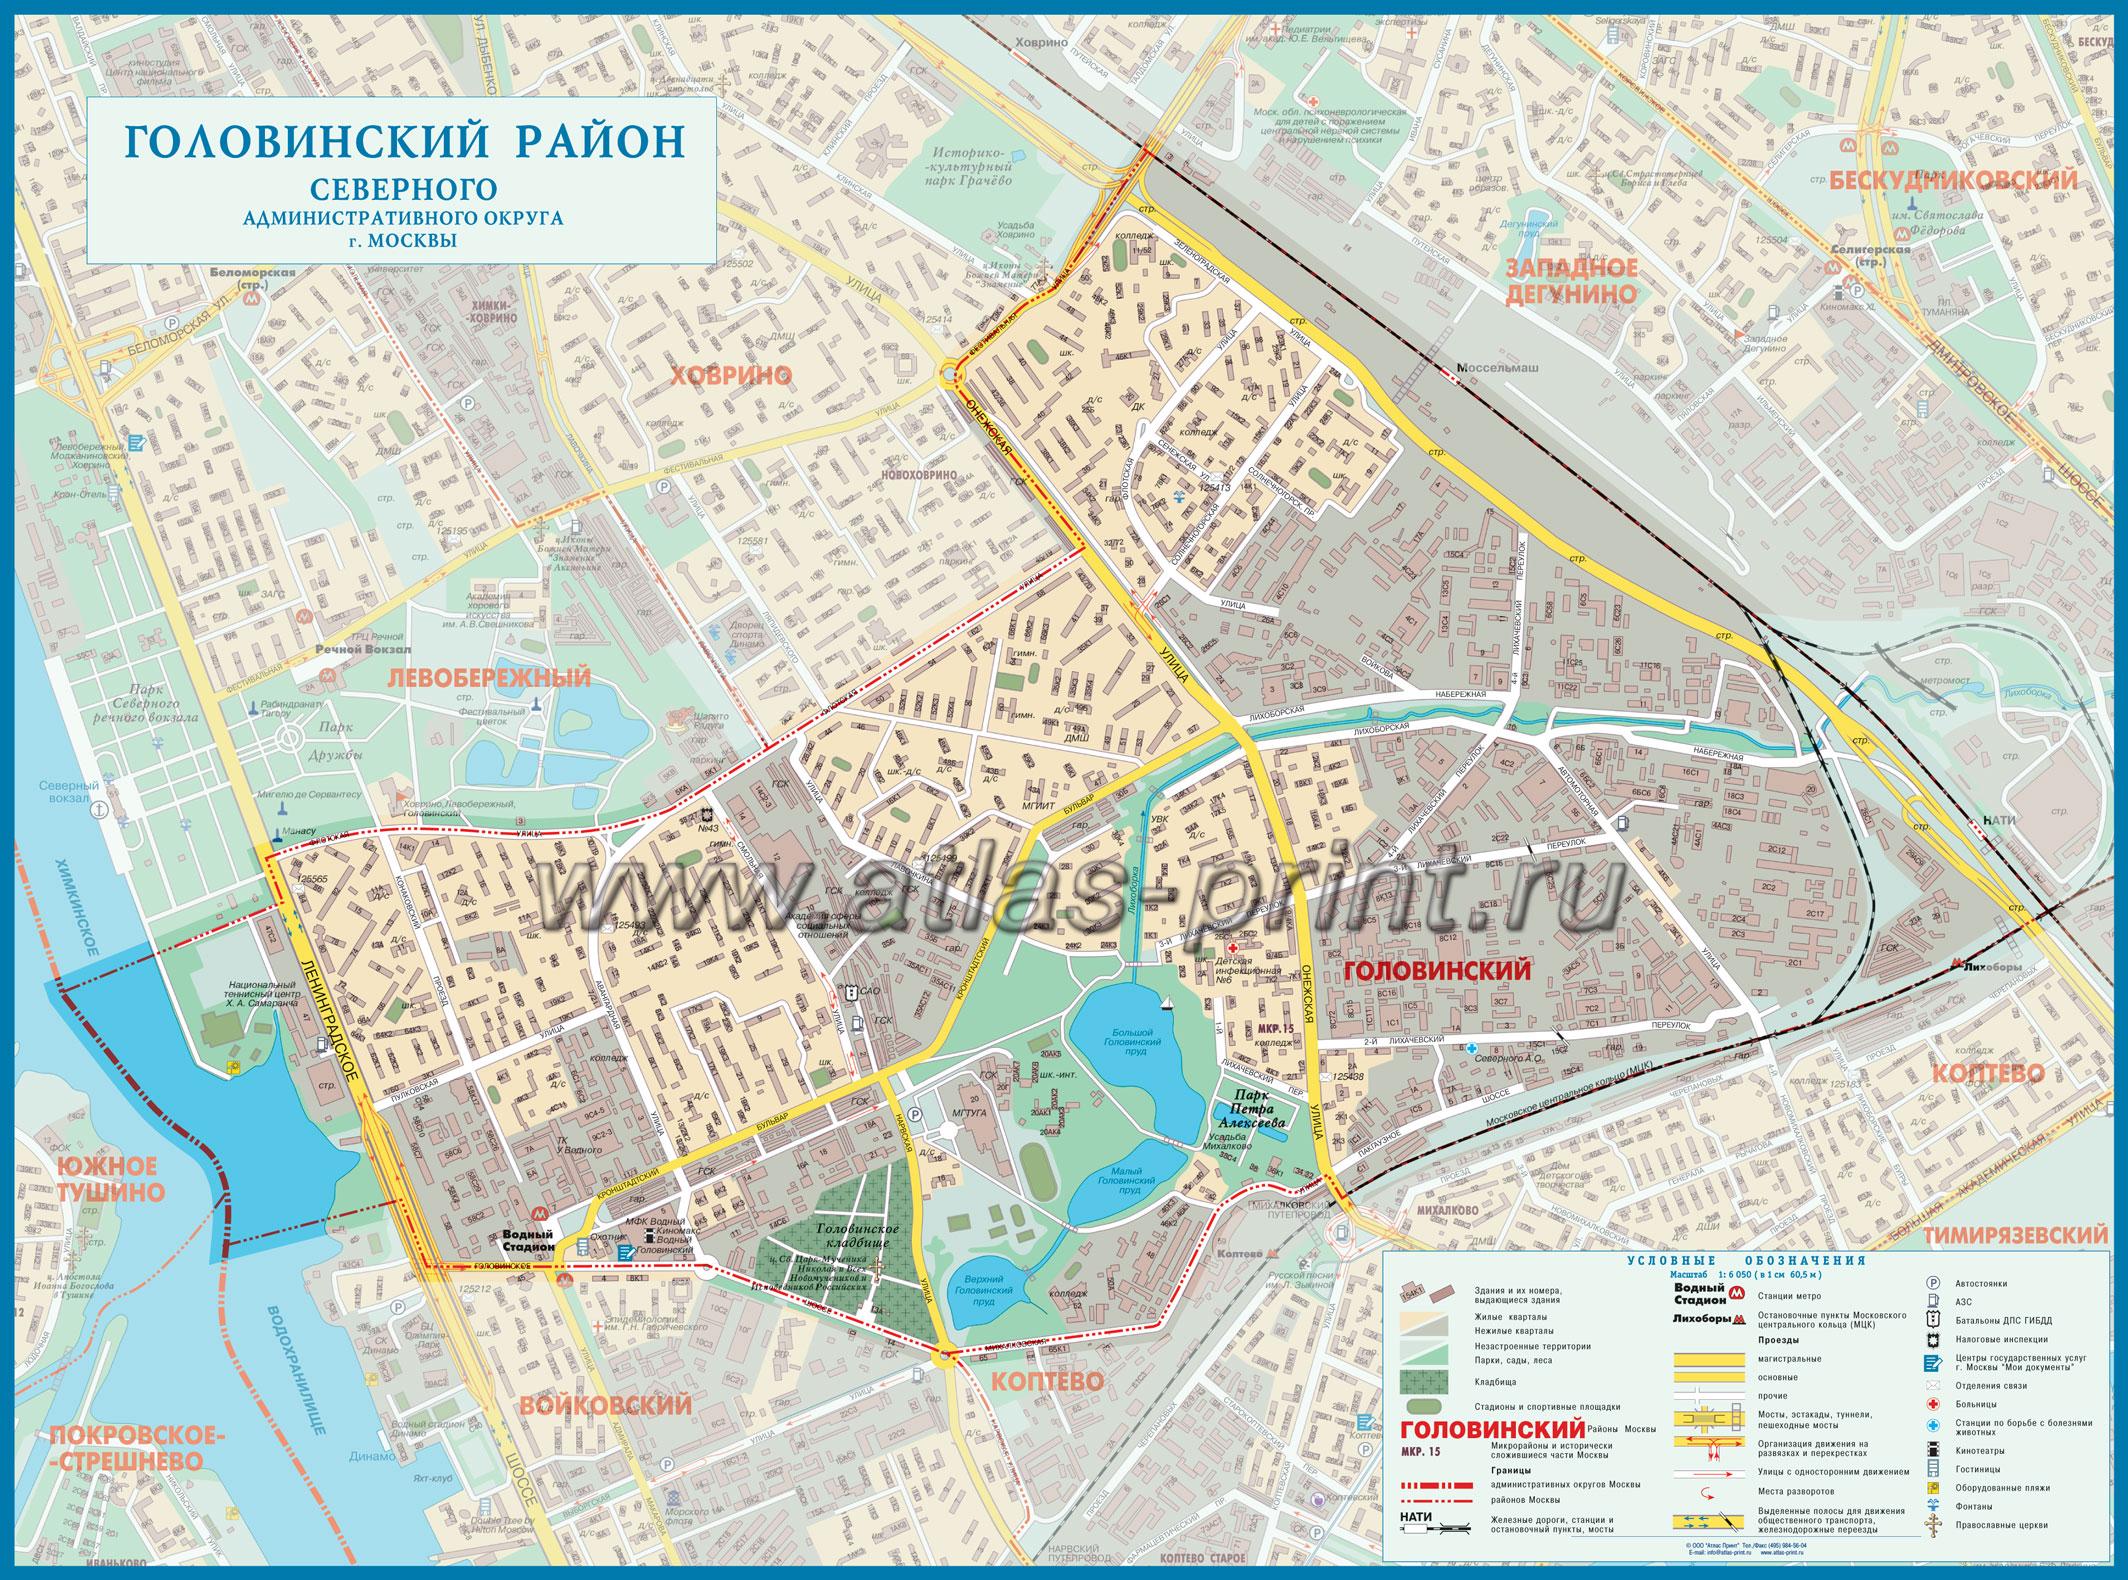 Настенная карта района Головинский г.Москвы 1,00*0,74 м, ламинированная